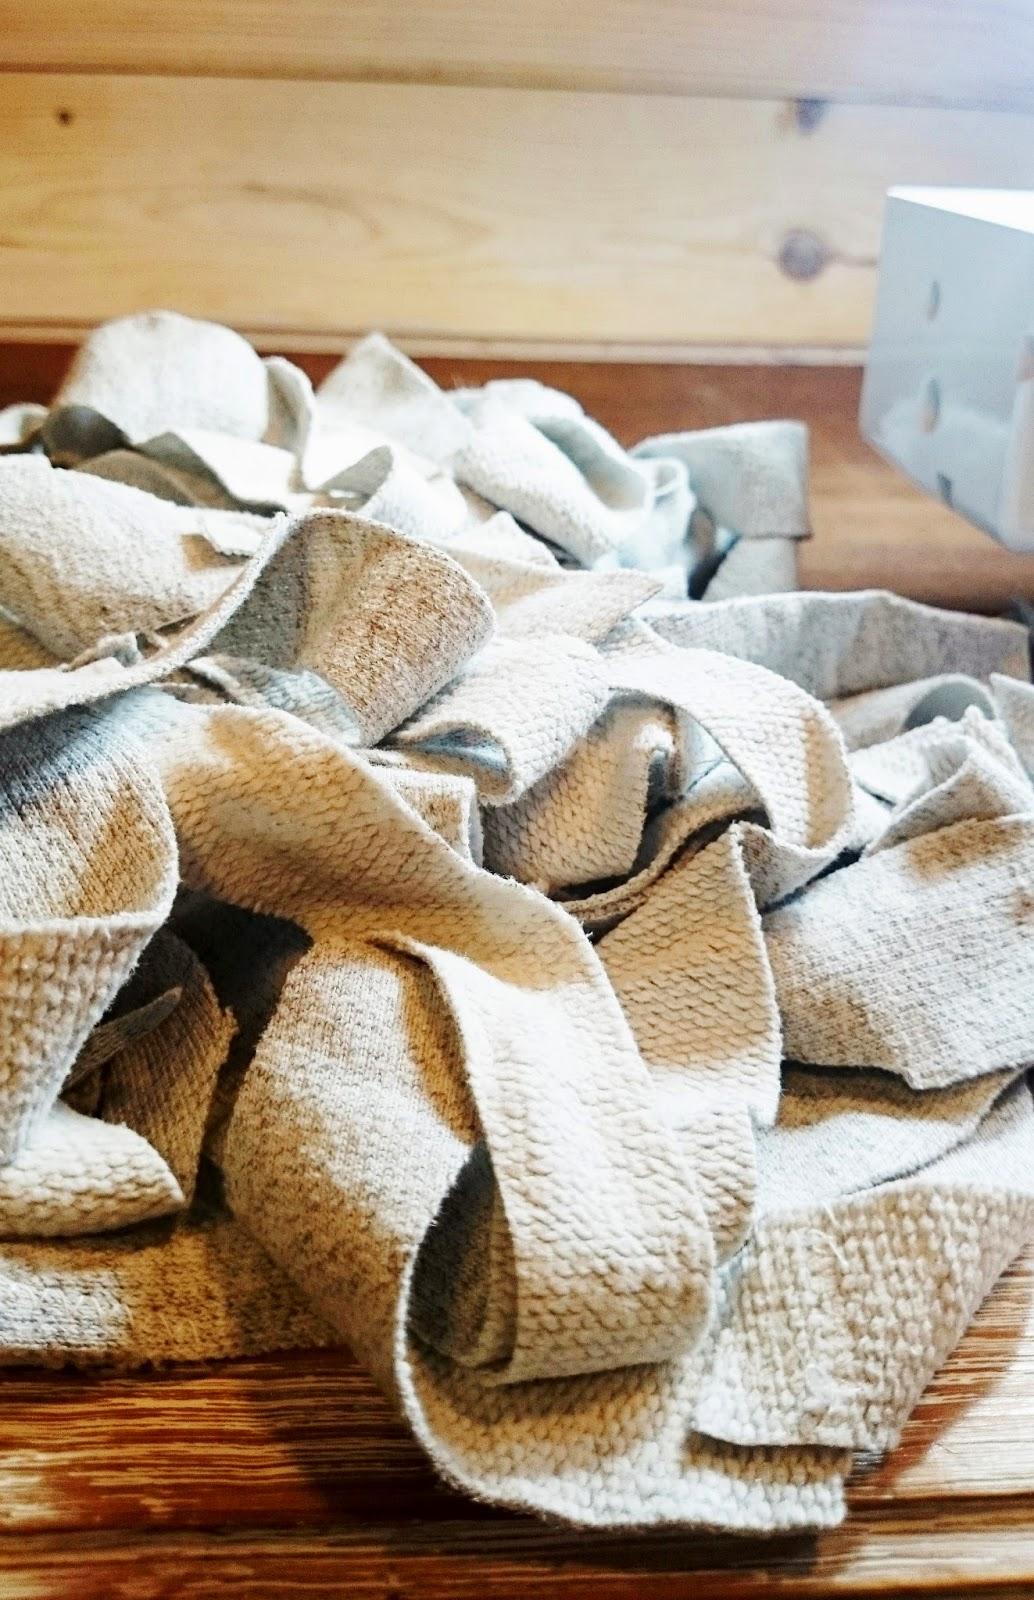 skrawki materiału co z nimi zrobić, projekt DIY z bluzy dresowej czyli zrób sobie dywan